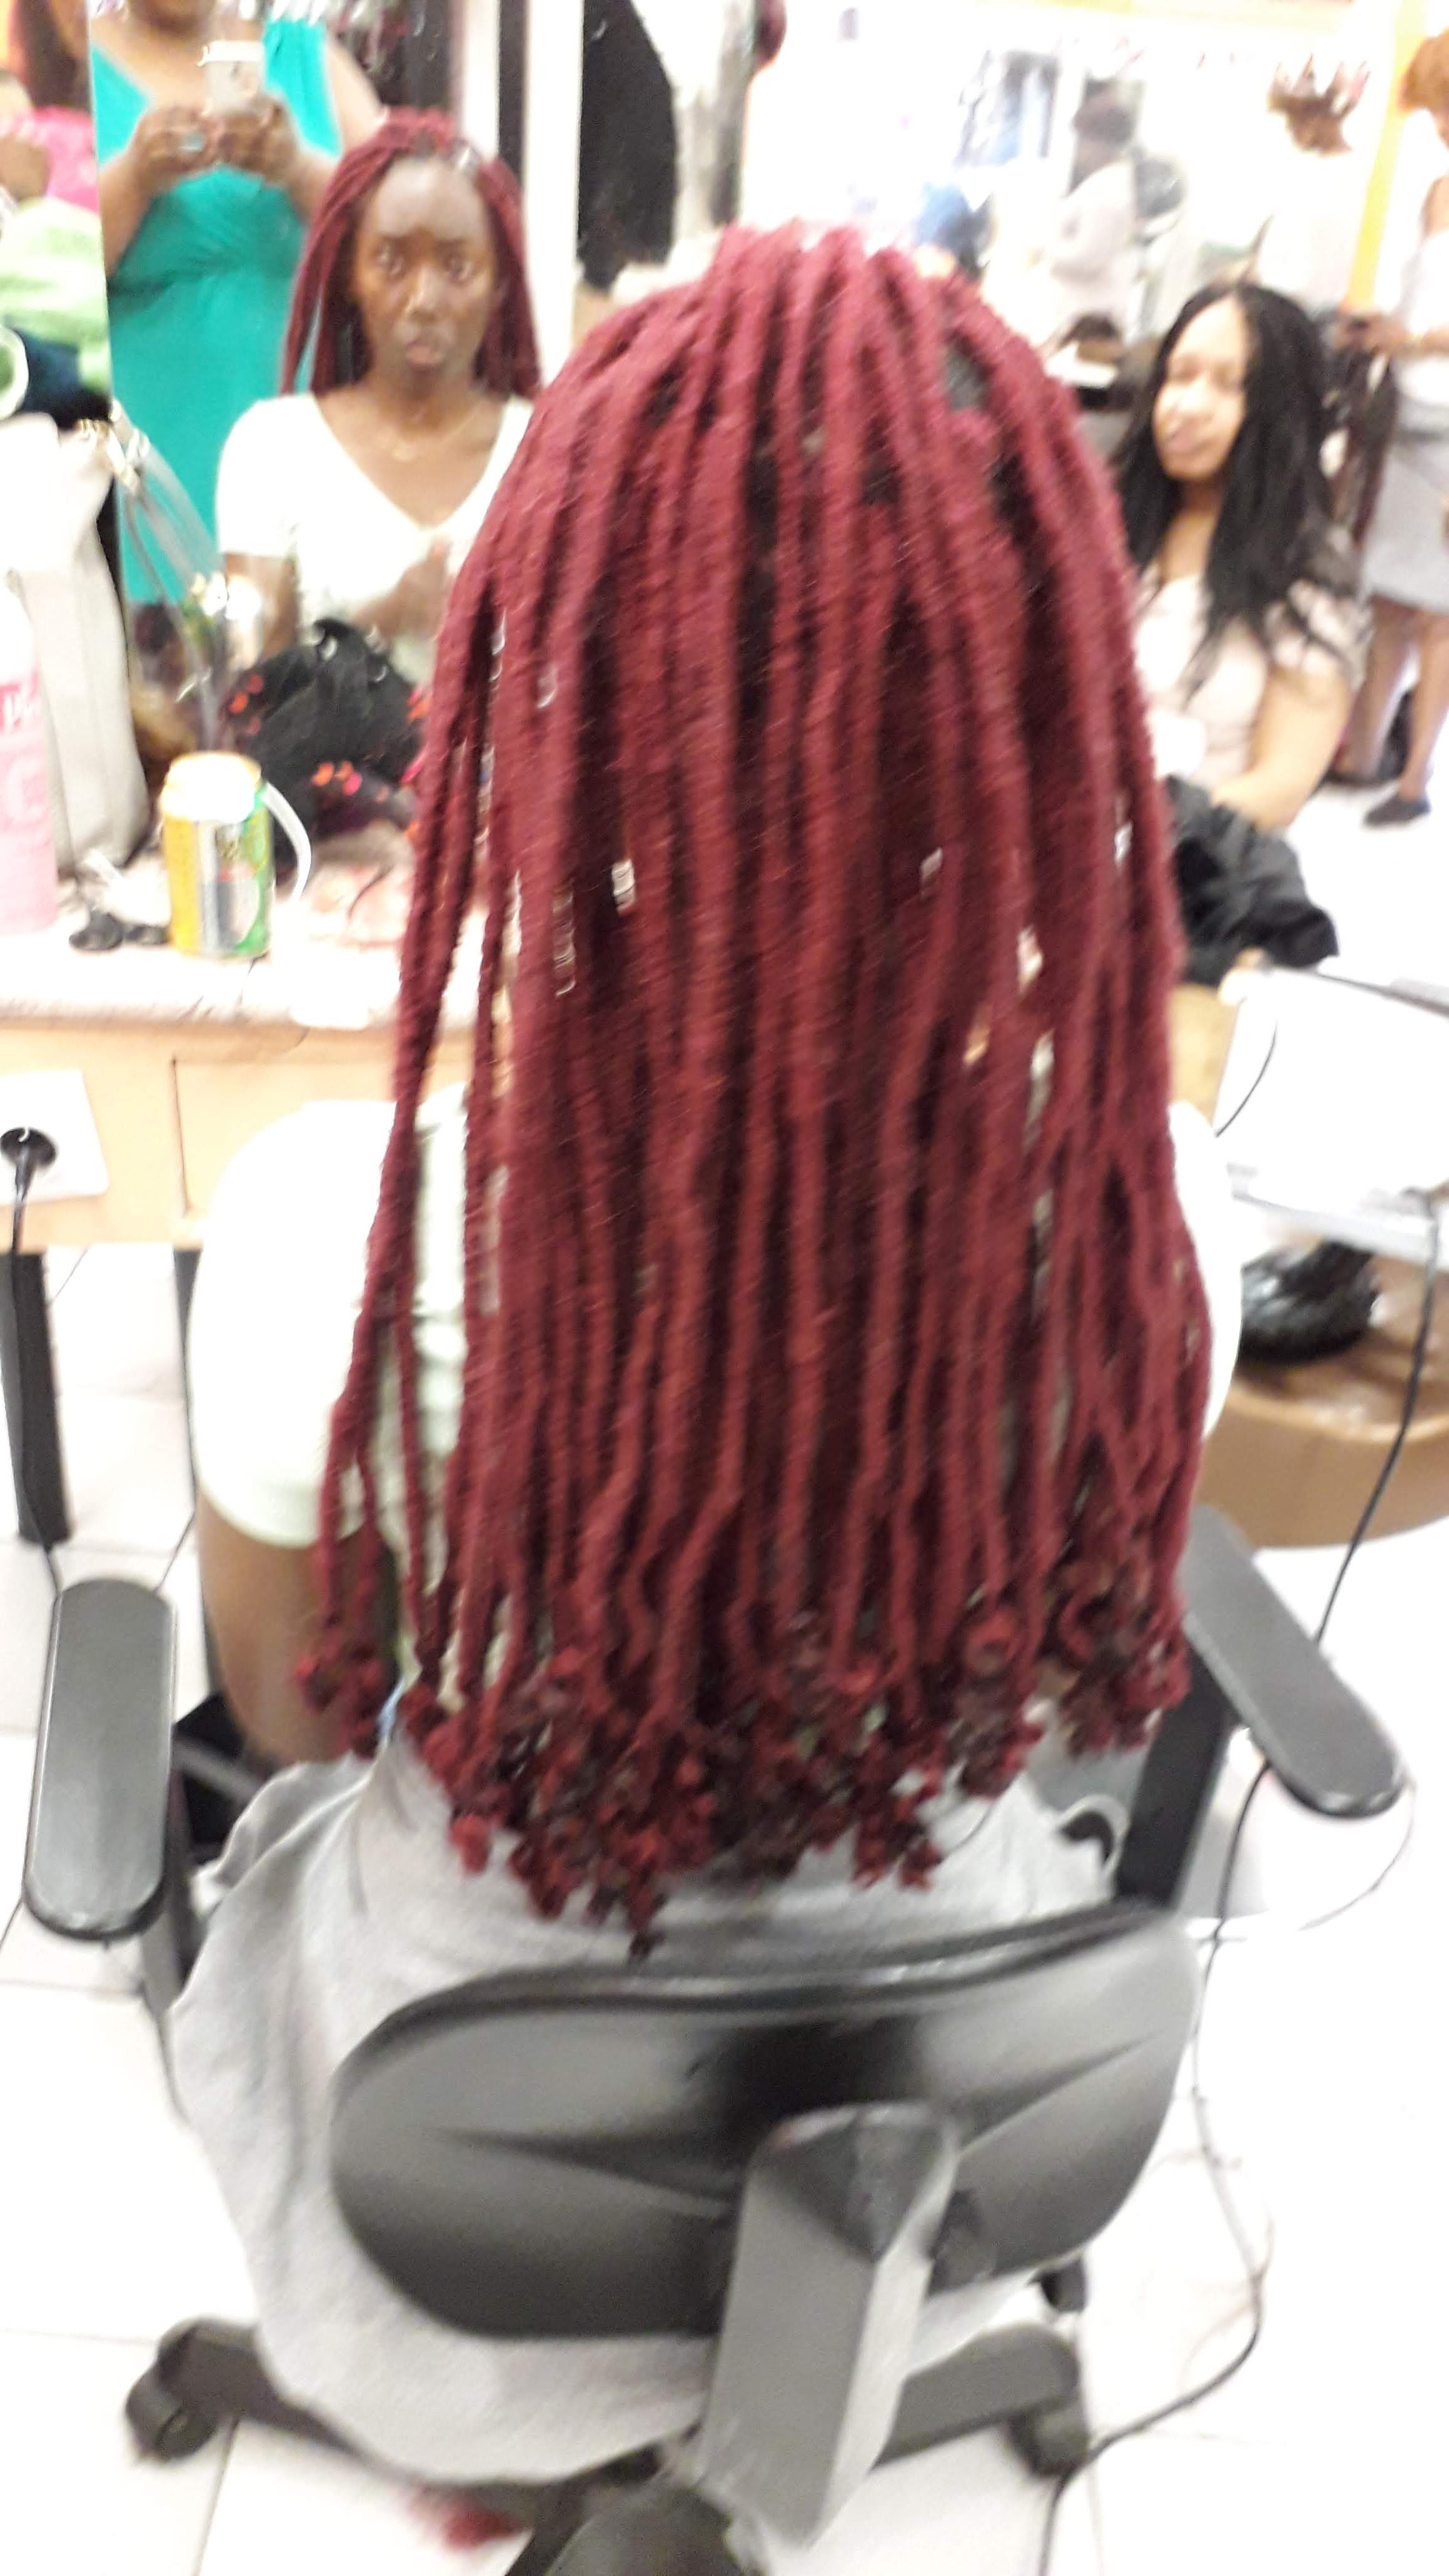 salon de coiffure afro tresse tresses box braids crochet braids vanilles tissages paris 75 77 78 91 92 93 94 95 ZDLRNKCJ